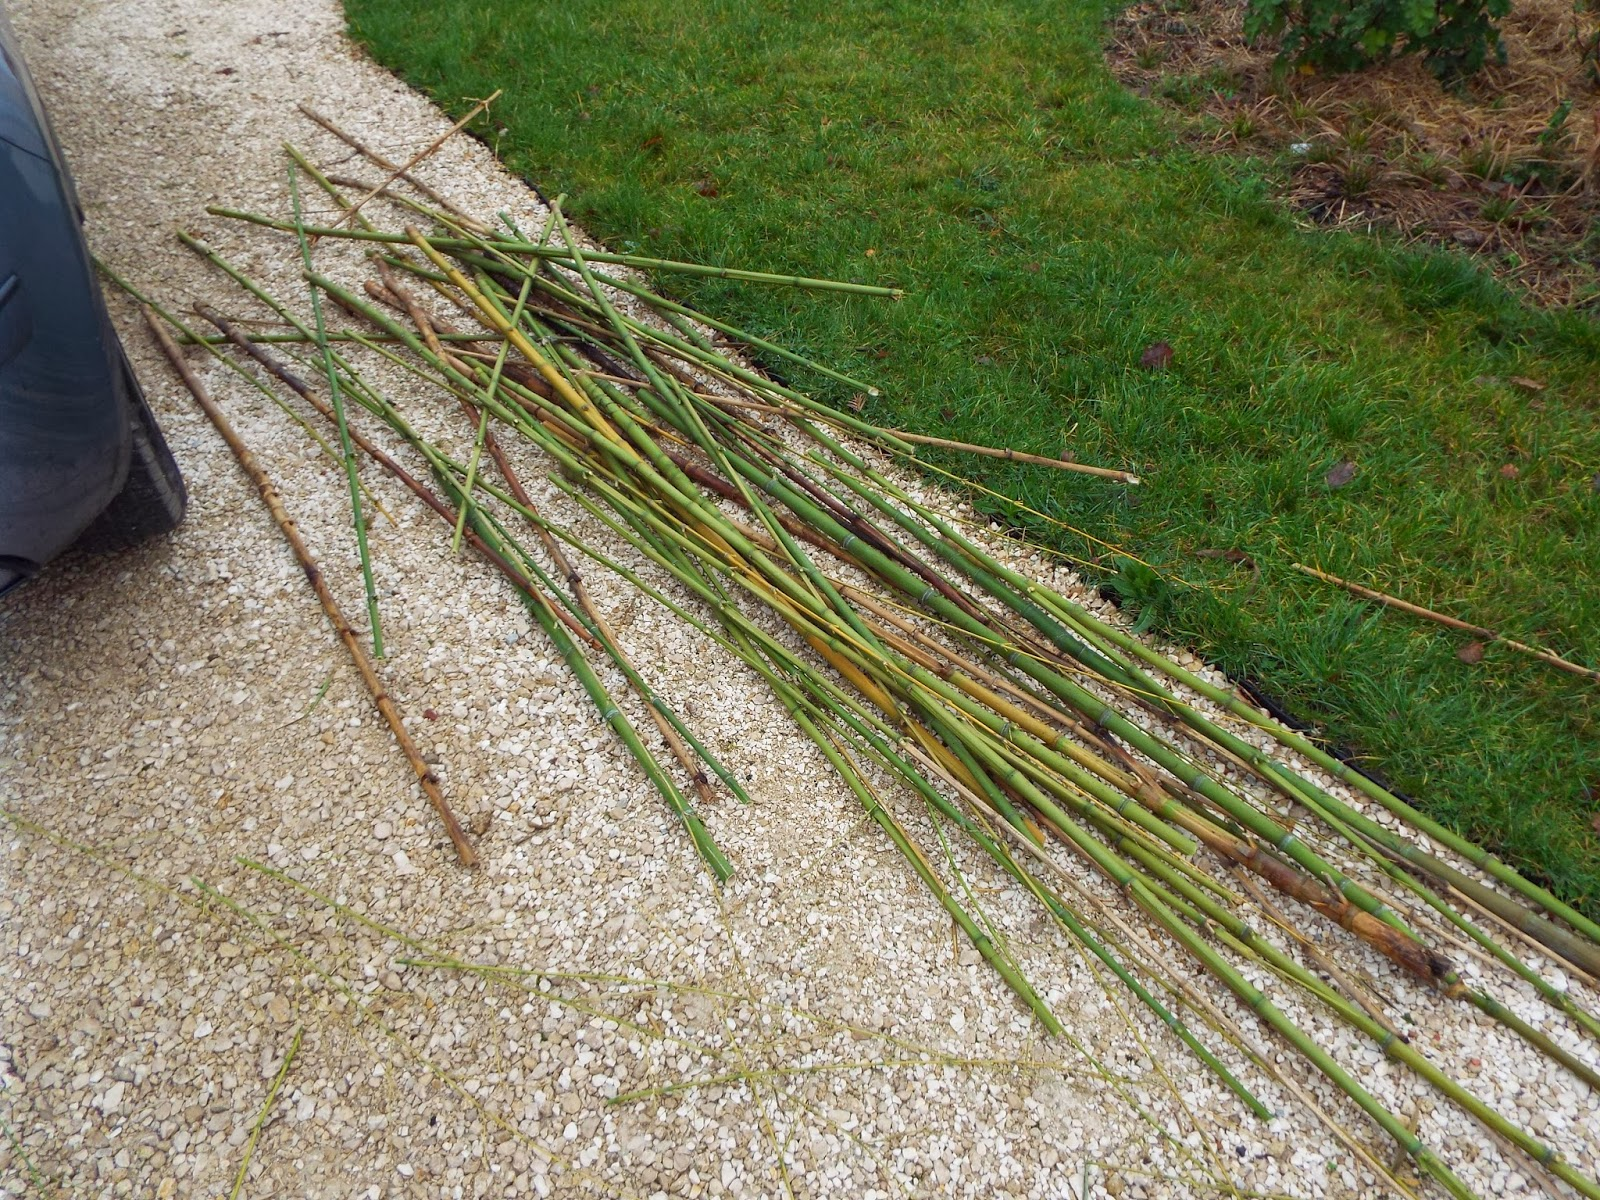 jardin aux quatre saisons r alisation d 39 une bordure plessis en bambou. Black Bedroom Furniture Sets. Home Design Ideas